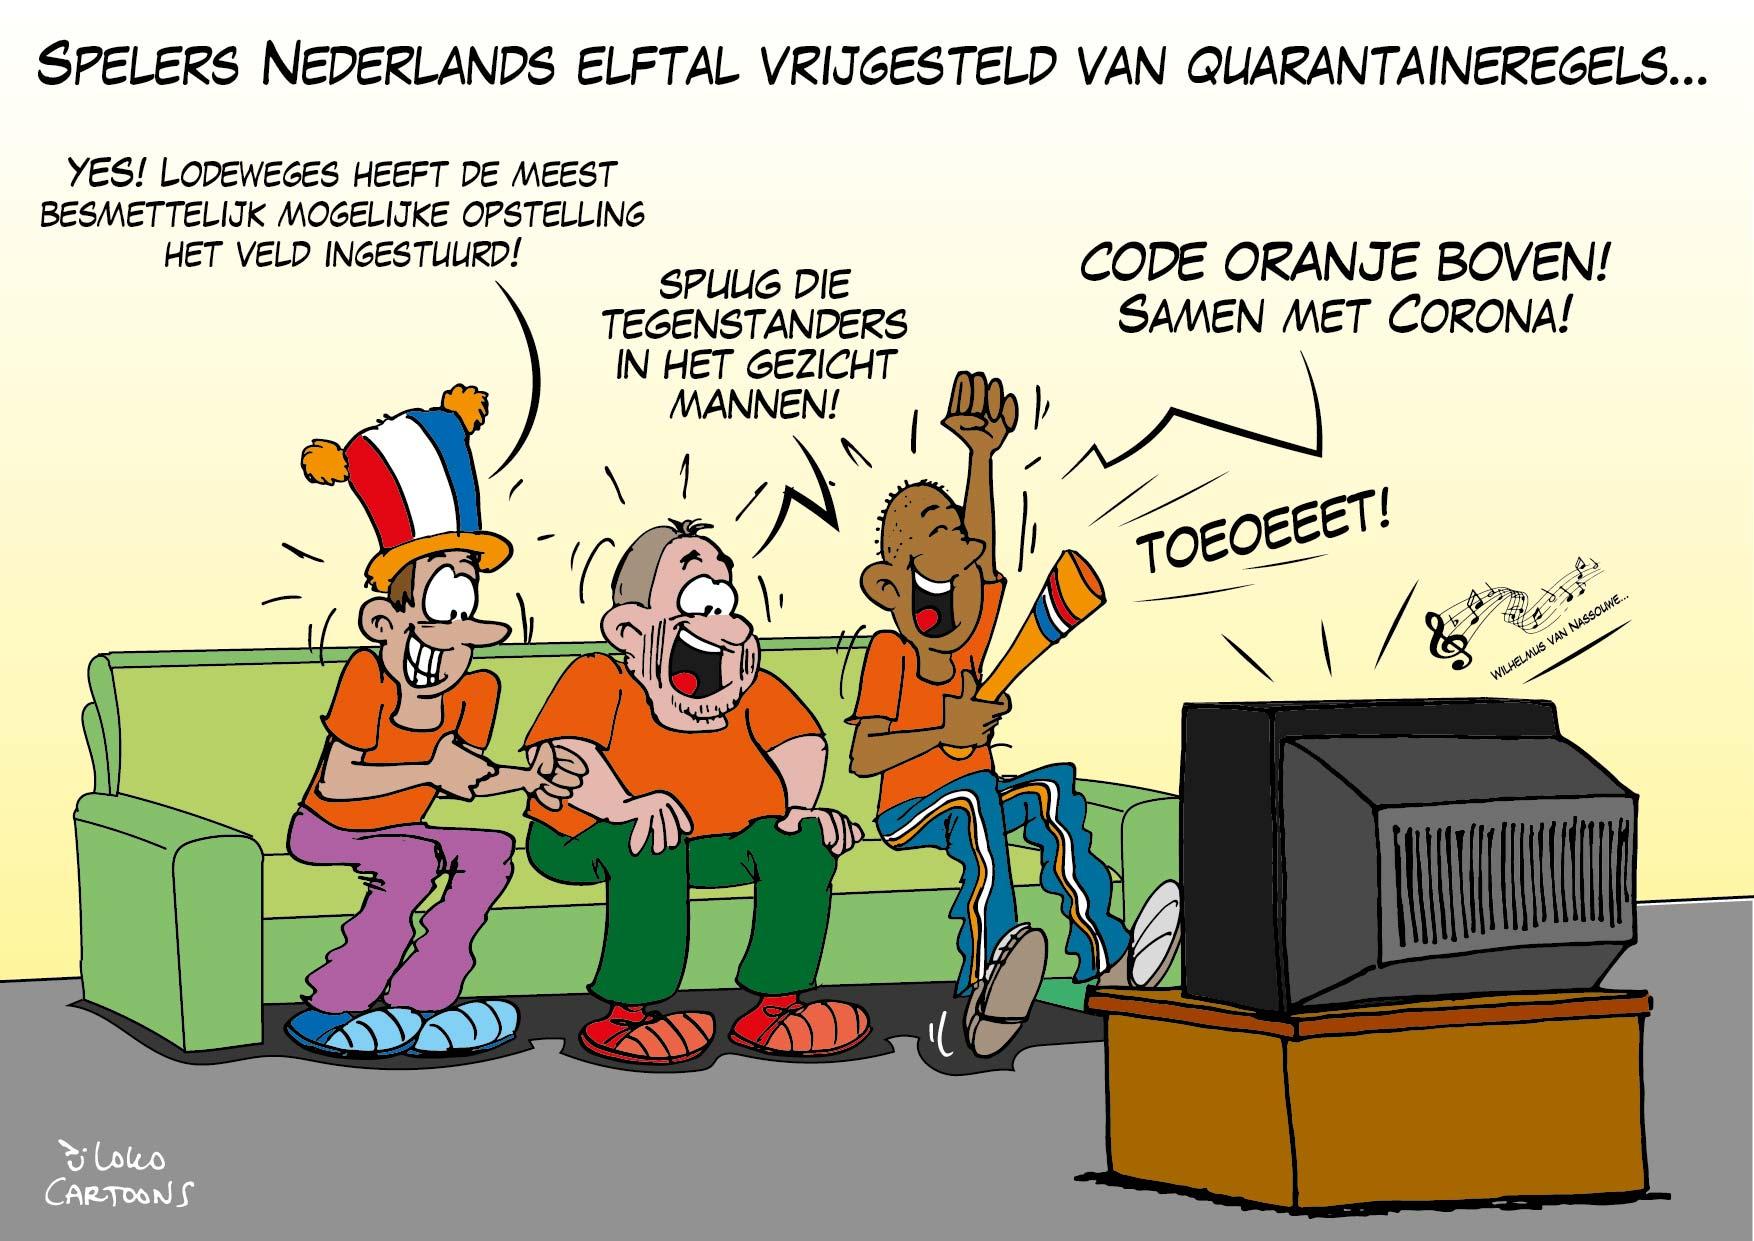 Spelers Nederlands Elftal vrijgesteld van quarantaineregels…